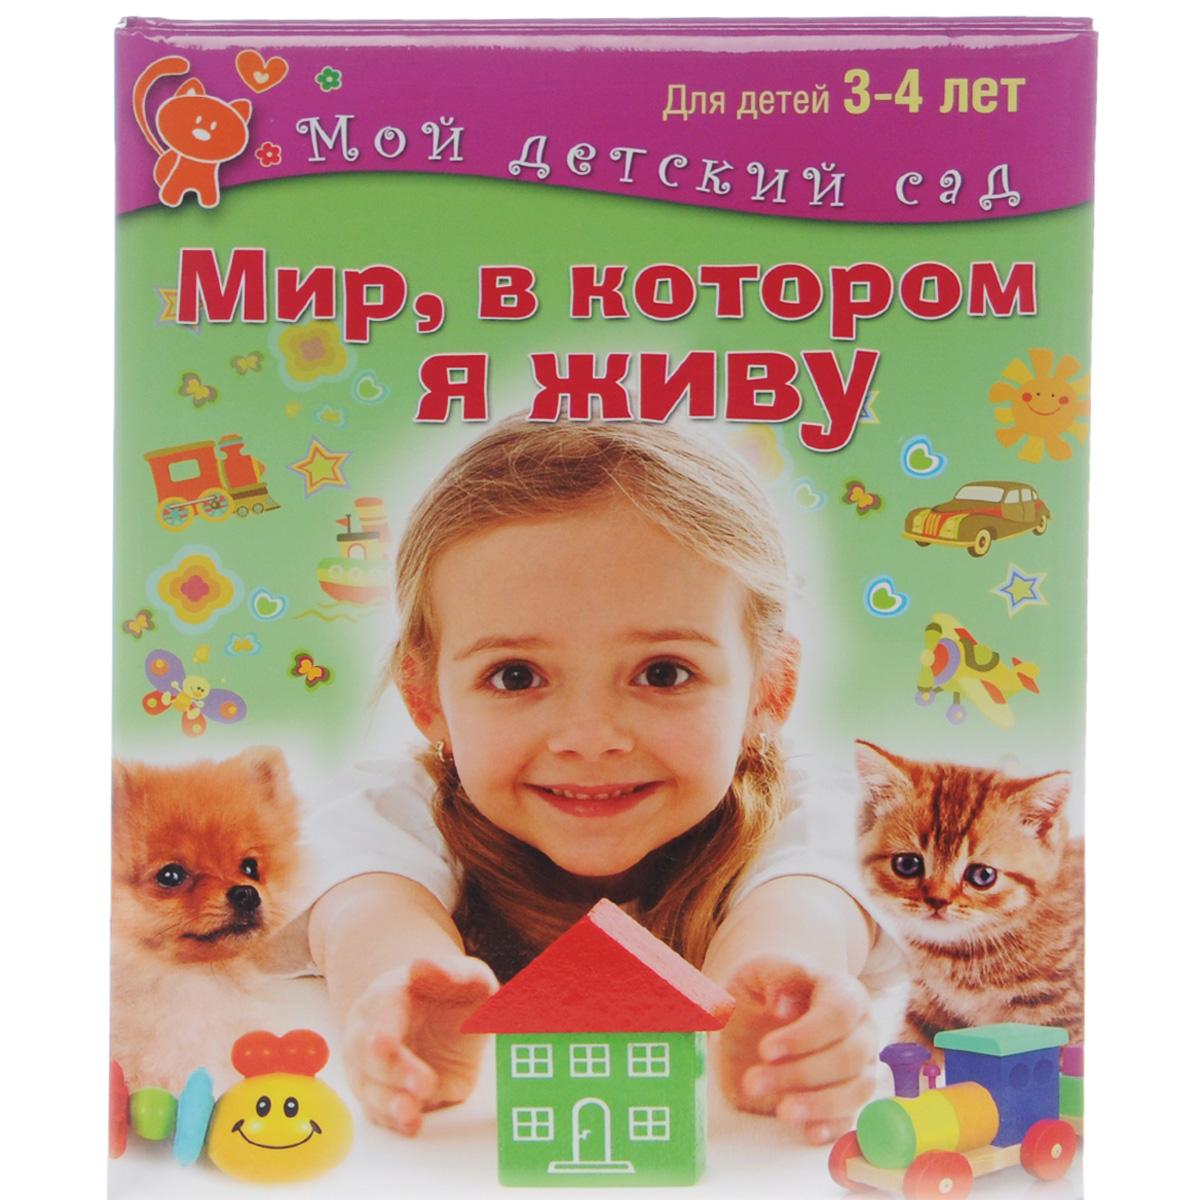 Мир, в котором я живу. Для 3-4 лет12296407О временах года и явлениях природы, о растениях и животных, о мебели и одежде, о еде и посуде, об игрушках и транспорте - обо всем этом должен знать ваш малыш. Ведь это мир, в котором он живет! В нашей книге представлены занимательные задания, которые помогут ребенку 3-4 лет познакомиться с окружающим миром, расширить кругозор, а также научиться сравнивать, обобщать, анализировать. Тщательно подобранные иллюстрации дополняют задания и помогают ребенку лучше усвоить информацию.